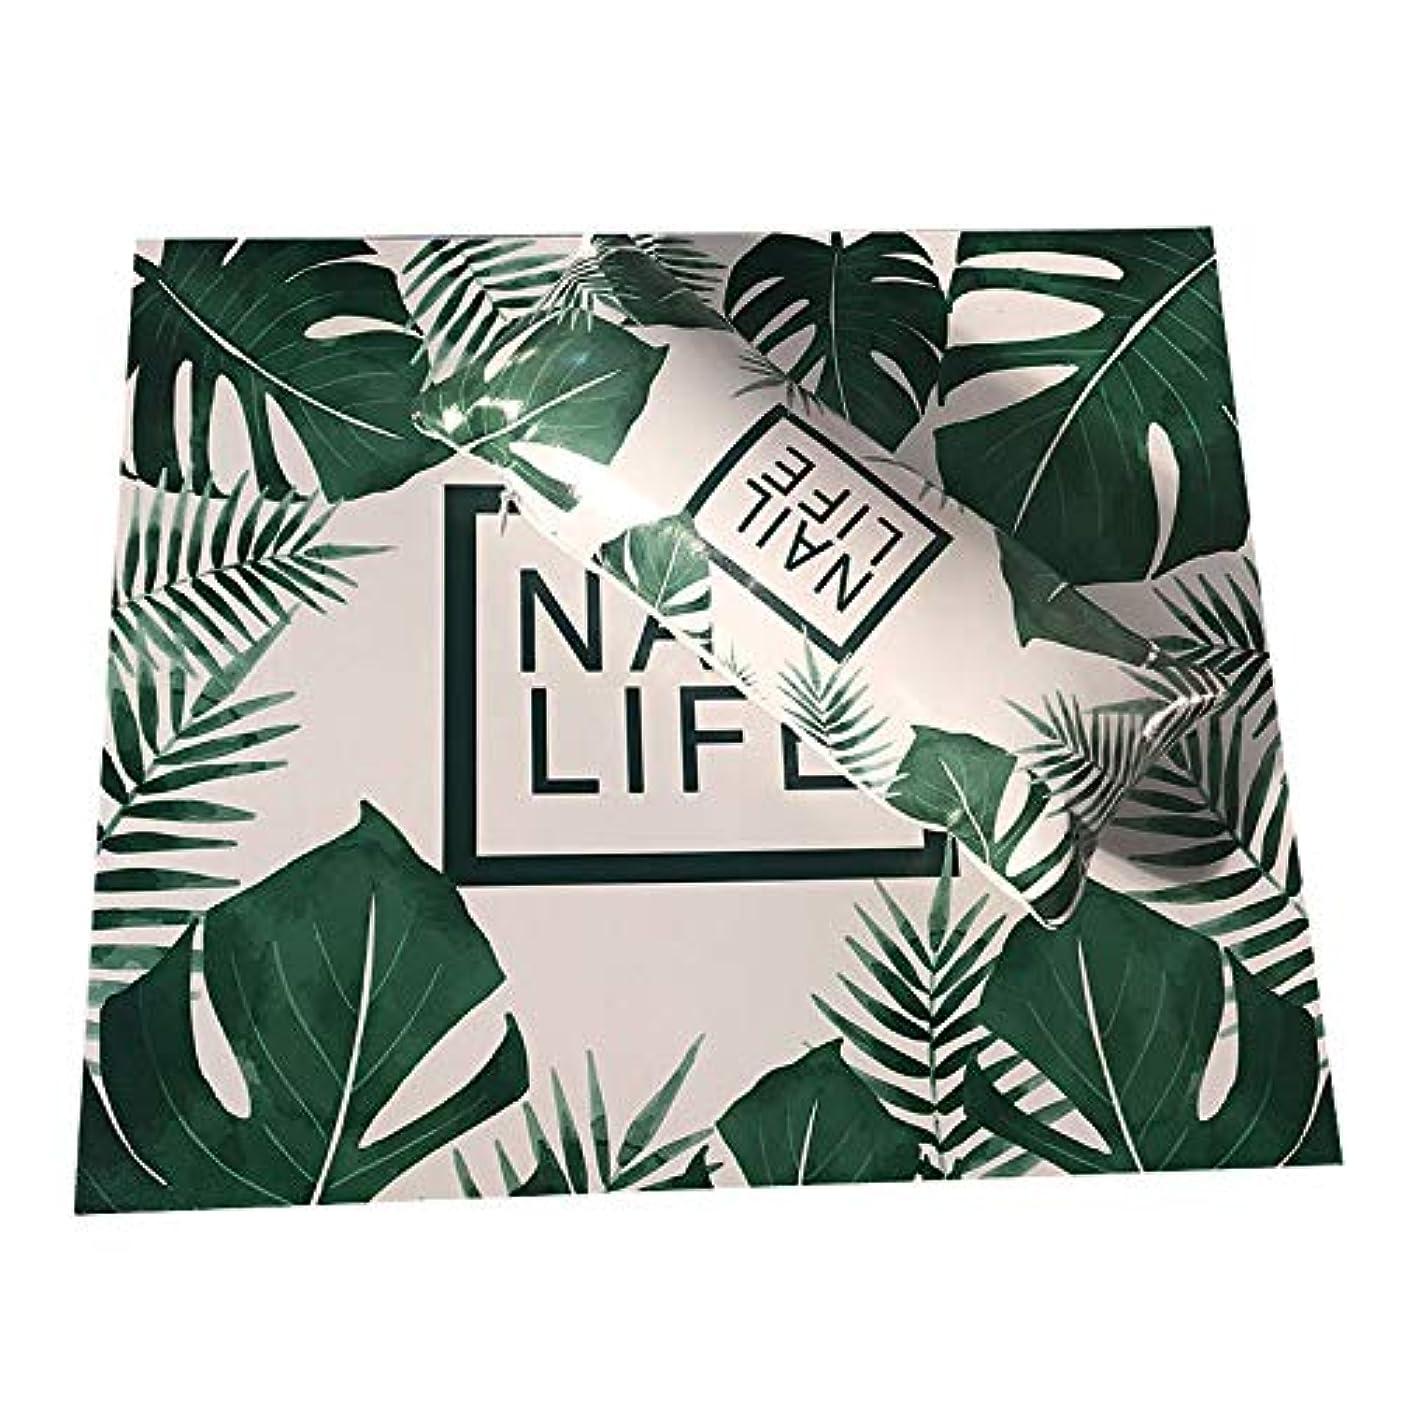 直面する花火運河TOOGOO ネイルアート用手枕のクッション、ネイルポリッシュのホルダー、ソフト、Puレザー、スポンジのアームレスト、ストライプのデザイン、サロンのマニキュア(植物#)